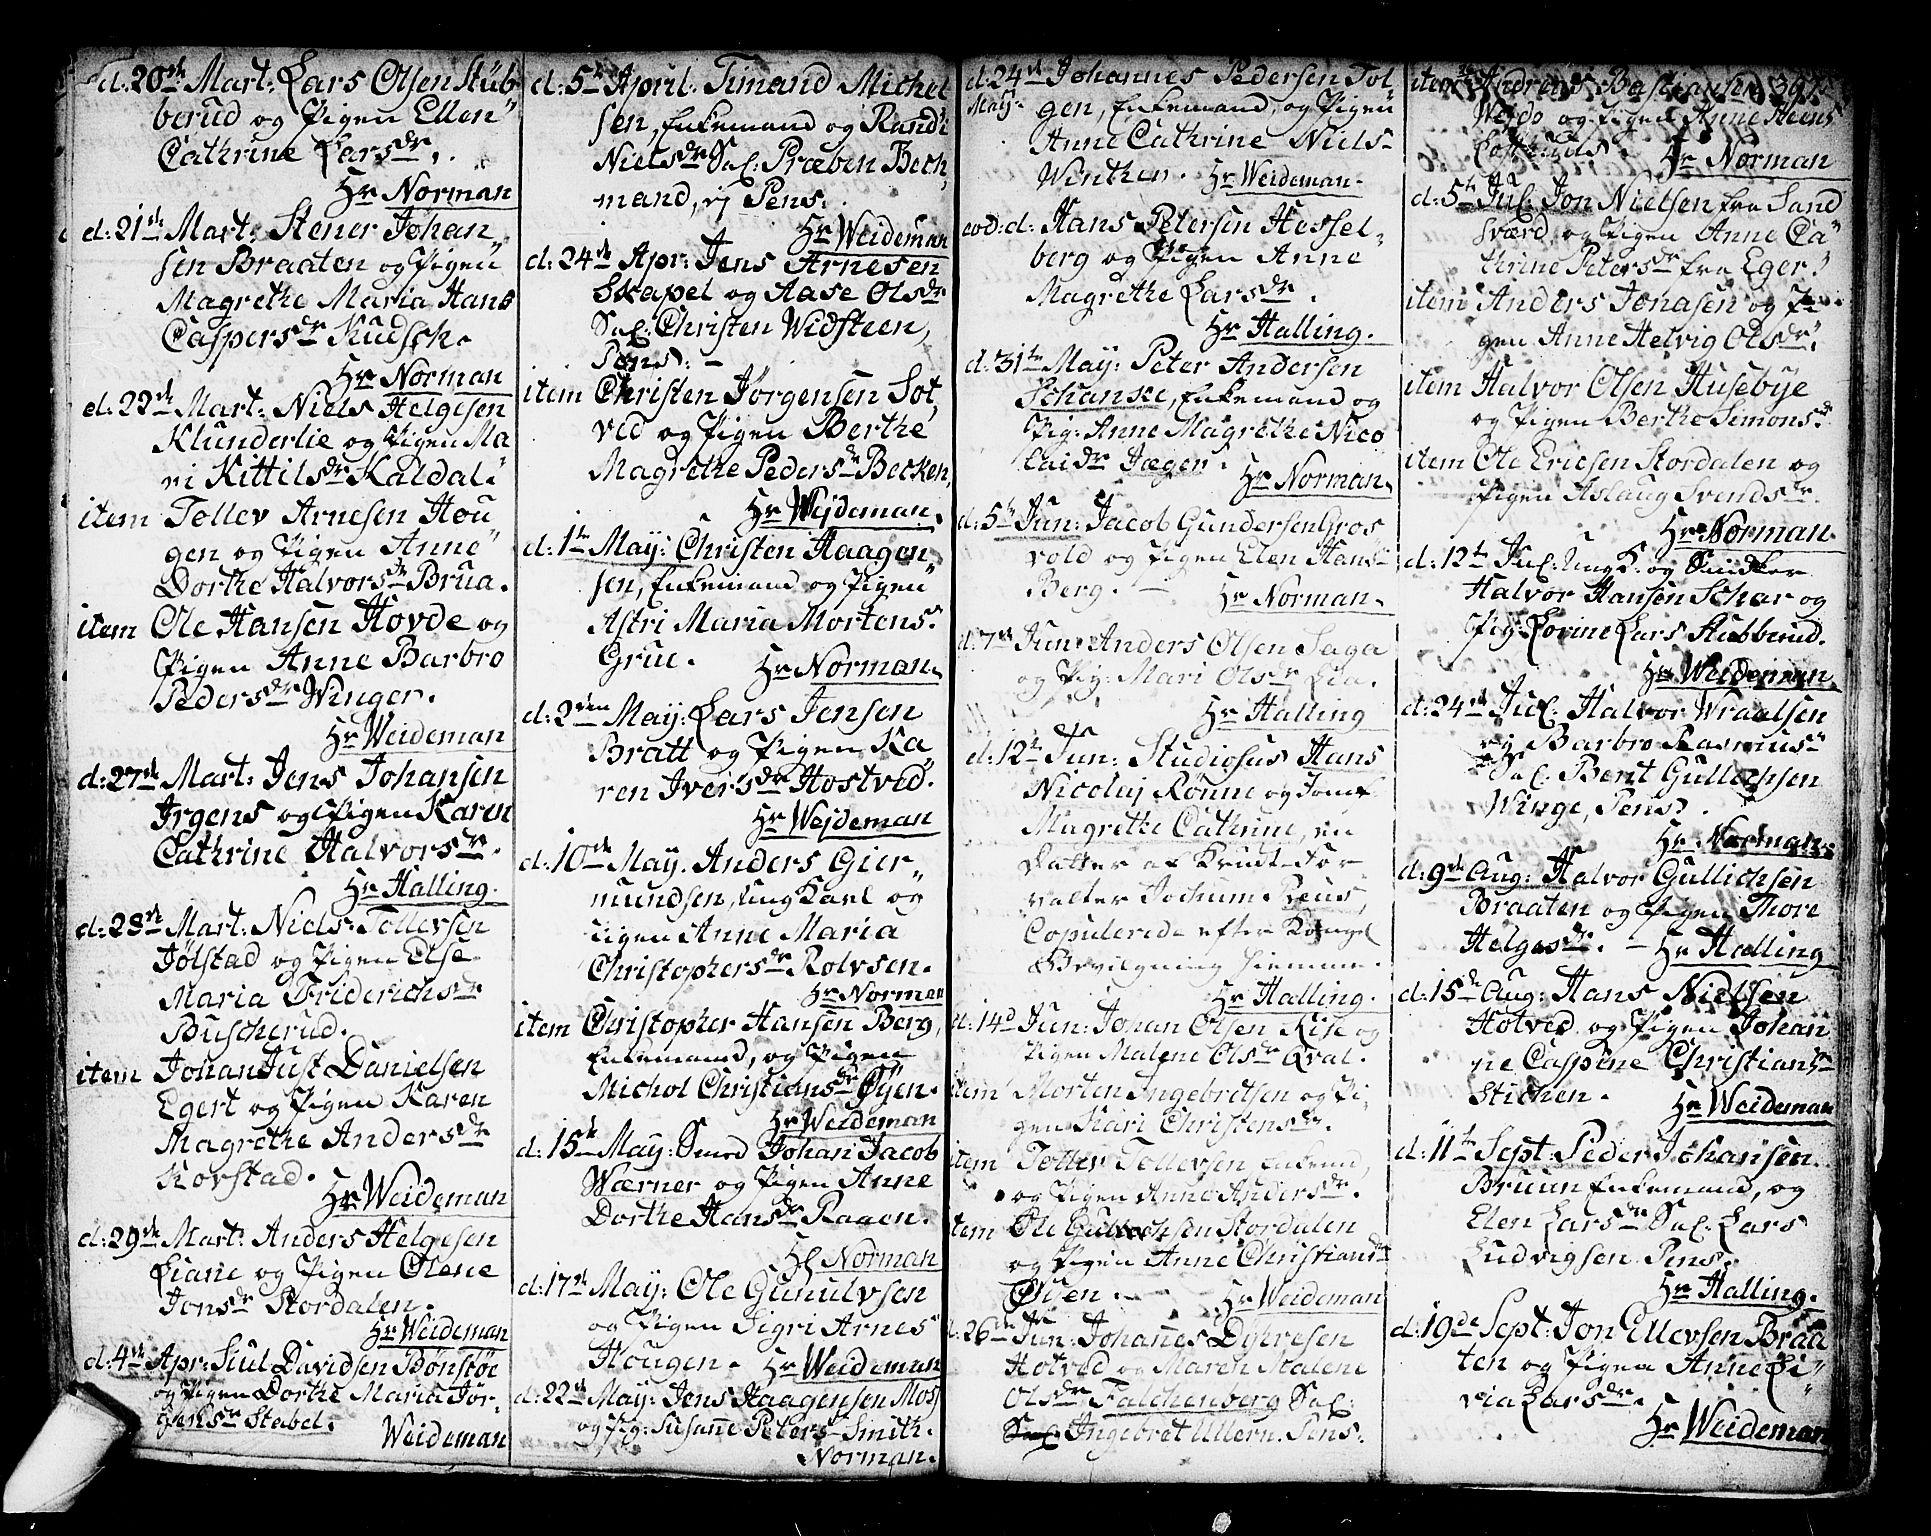 SAKO, Kongsberg kirkebøker, F/Fa/L0006: Ministerialbok nr. I 6, 1783-1797, s. 397